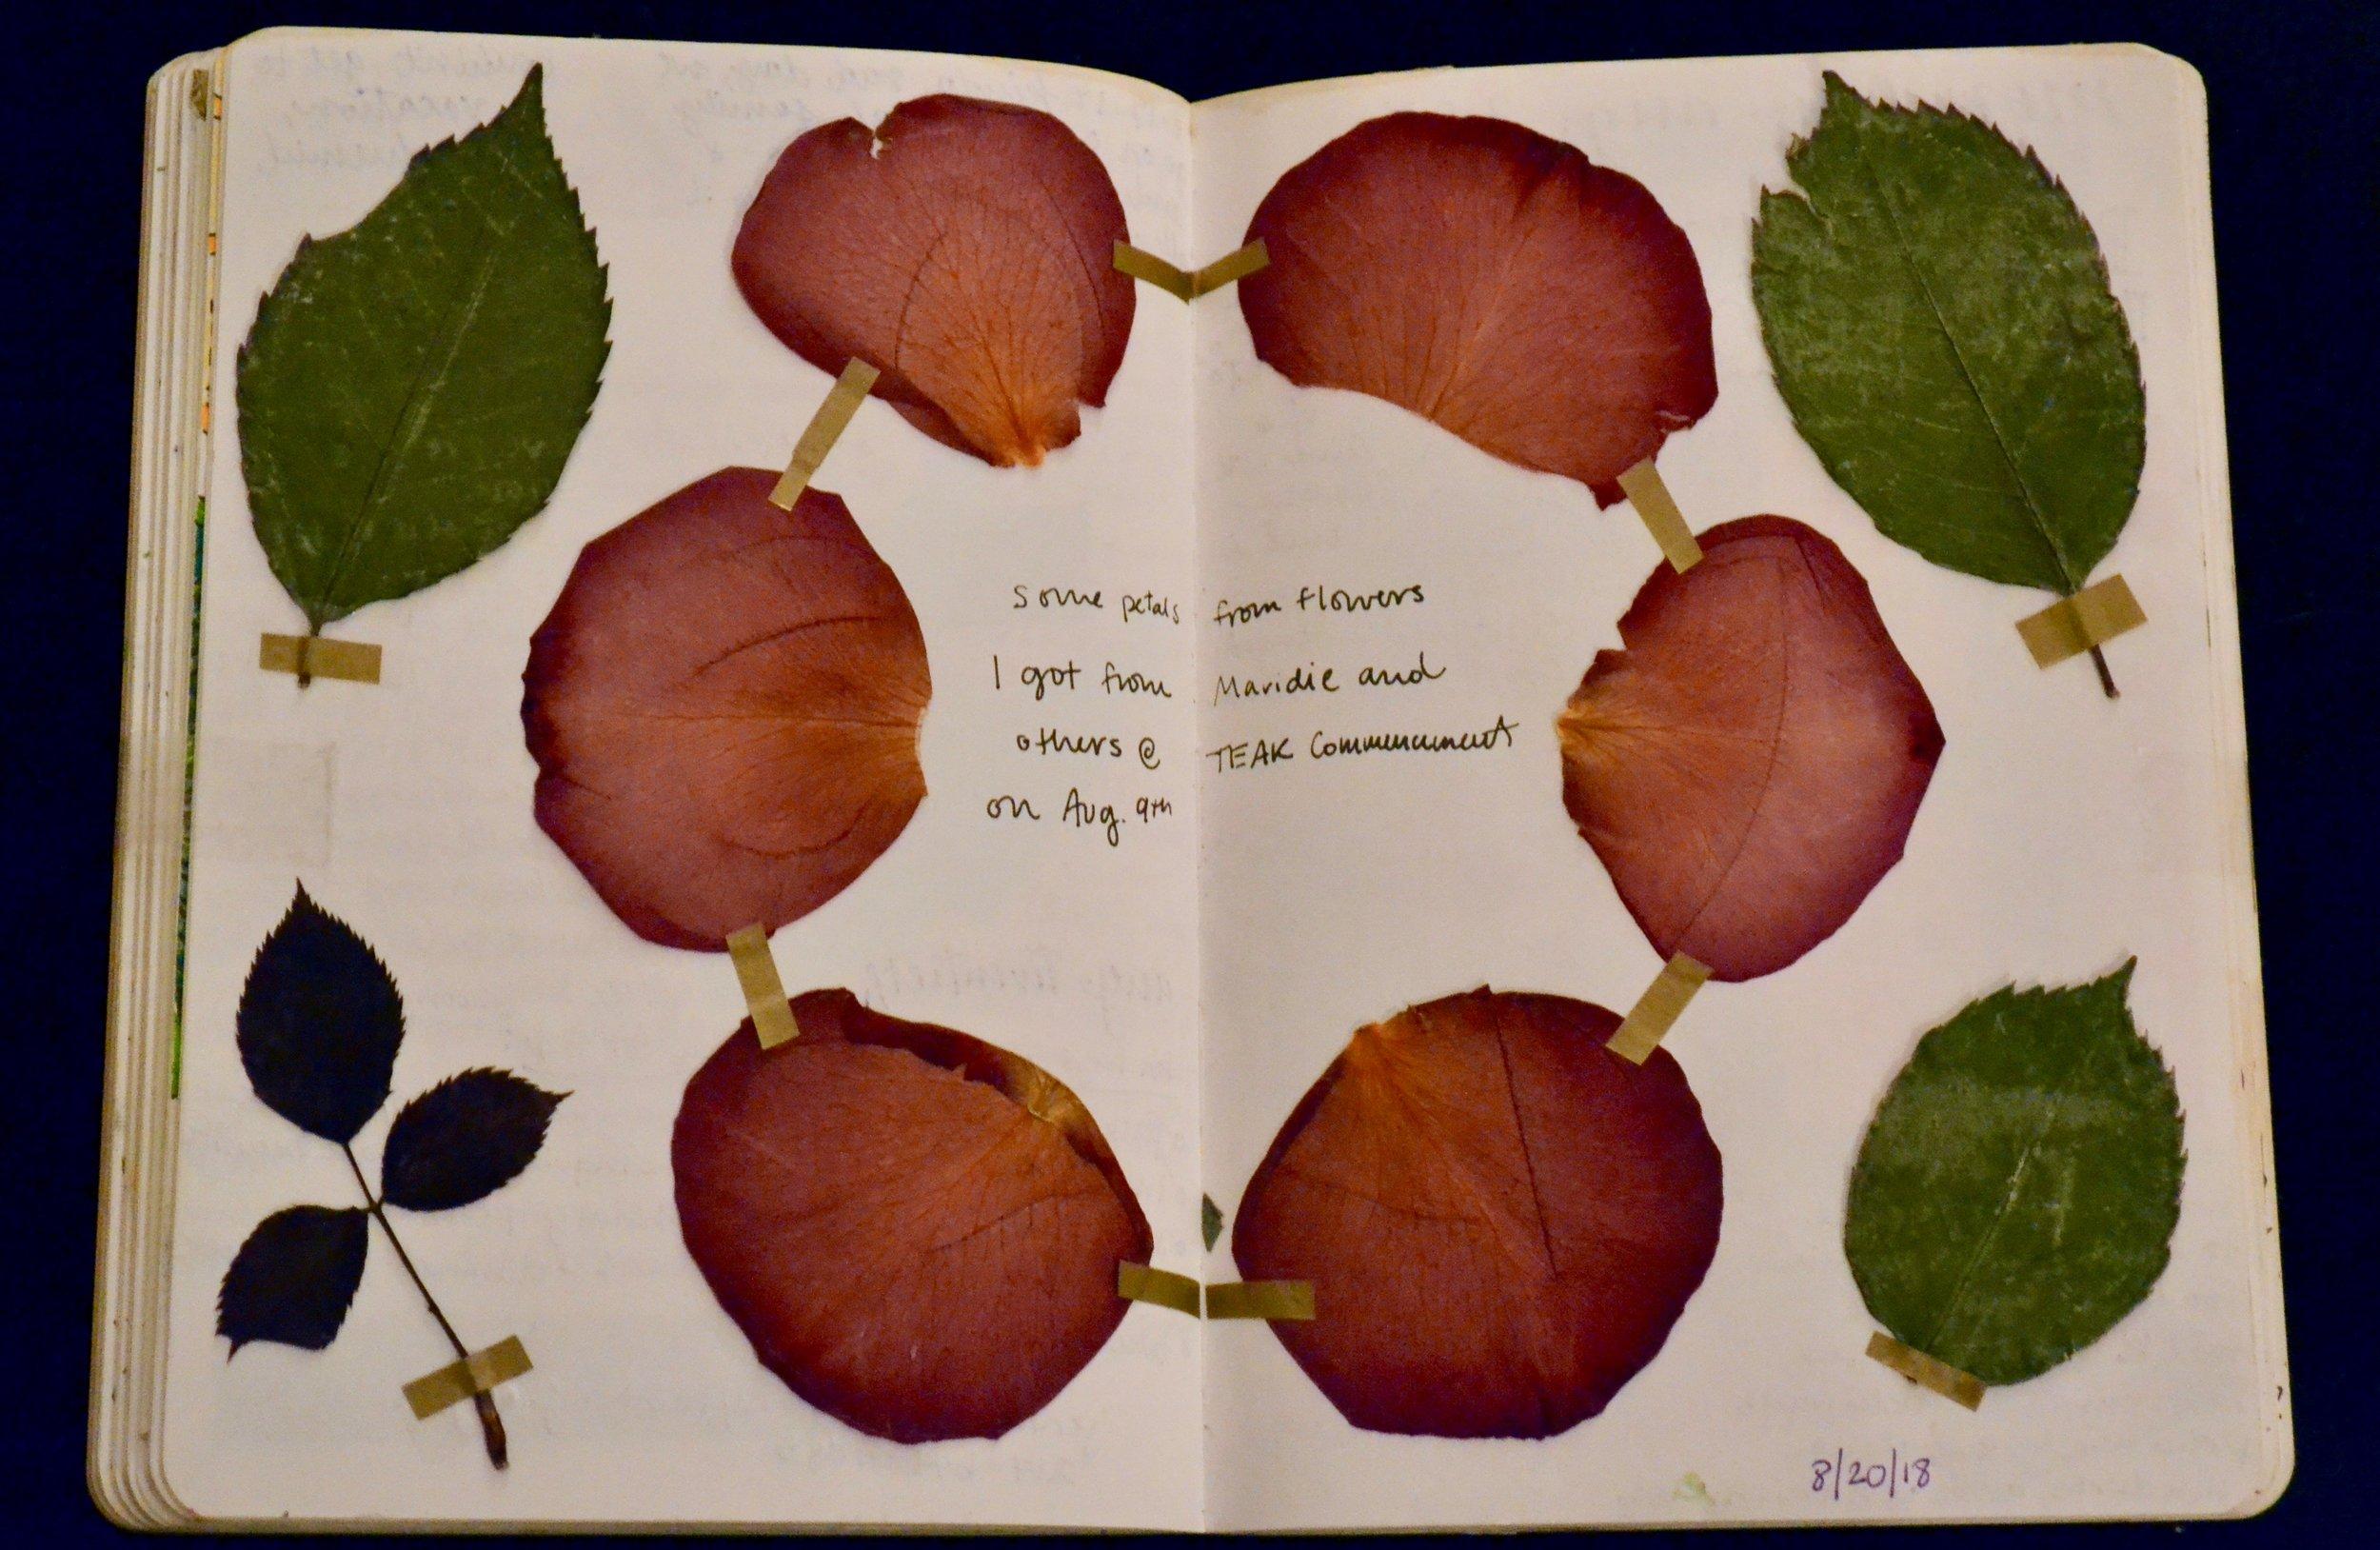 Me gusta colectar flores y hojas para presionarlos y tenerlos para siempre. Los diarios sin lineas me dejan decorar mi diario cualquier manera que me gusta.